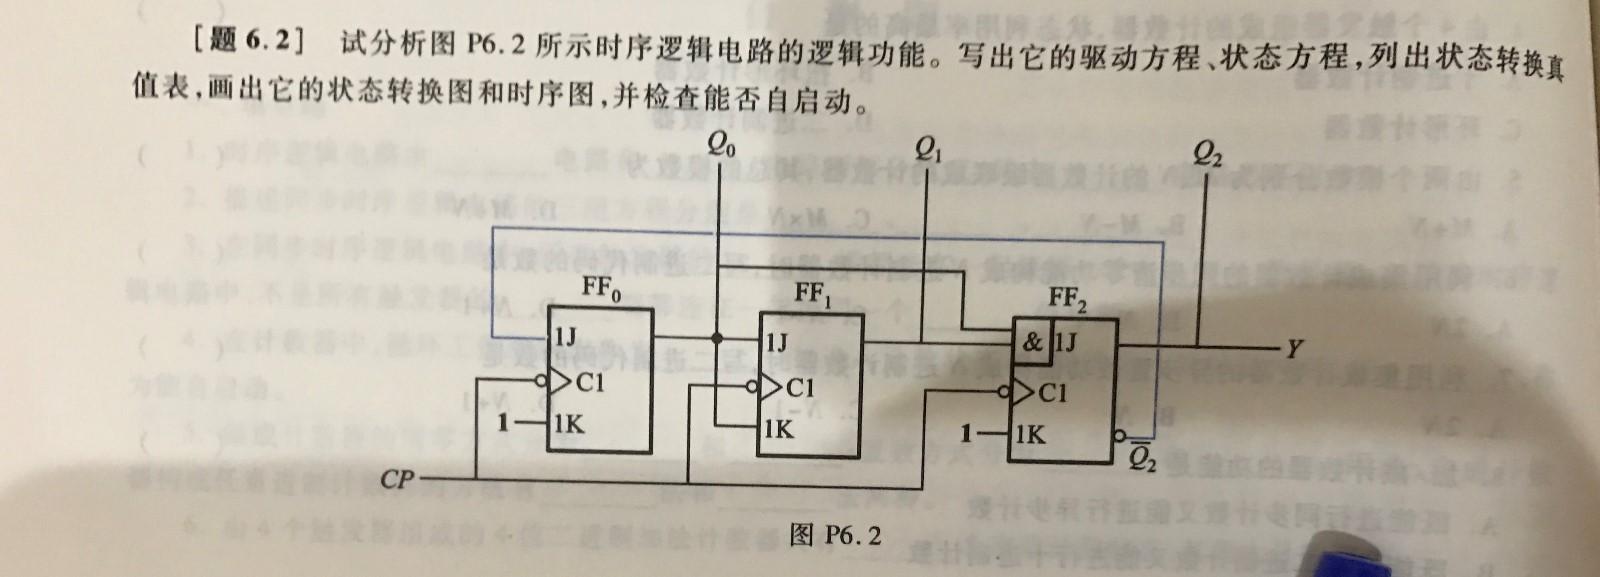 试分析所示时序逻辑电路的逻辑功能